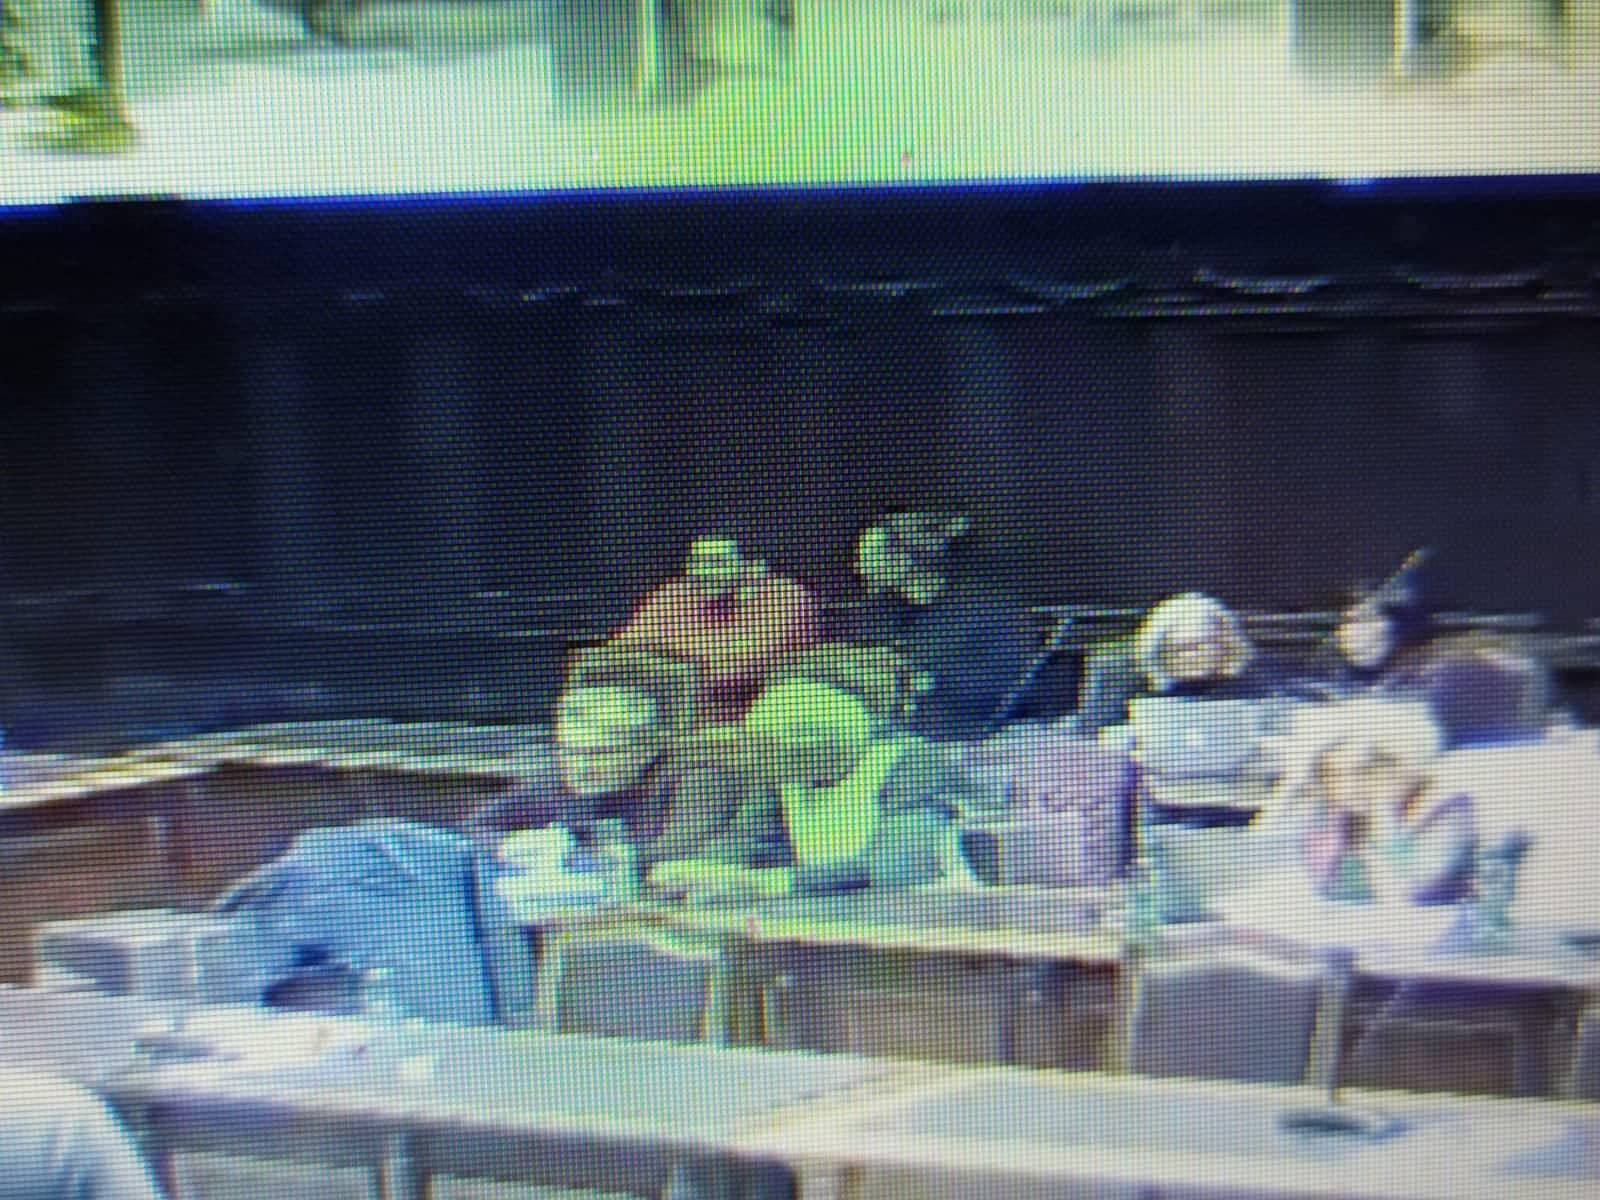 """Viterbo, la """"stampa di regime"""" occupa arbitrariamente i banchi del consiglio comunale, indisturbata: le regole a Viterbo non valgono per tutti"""